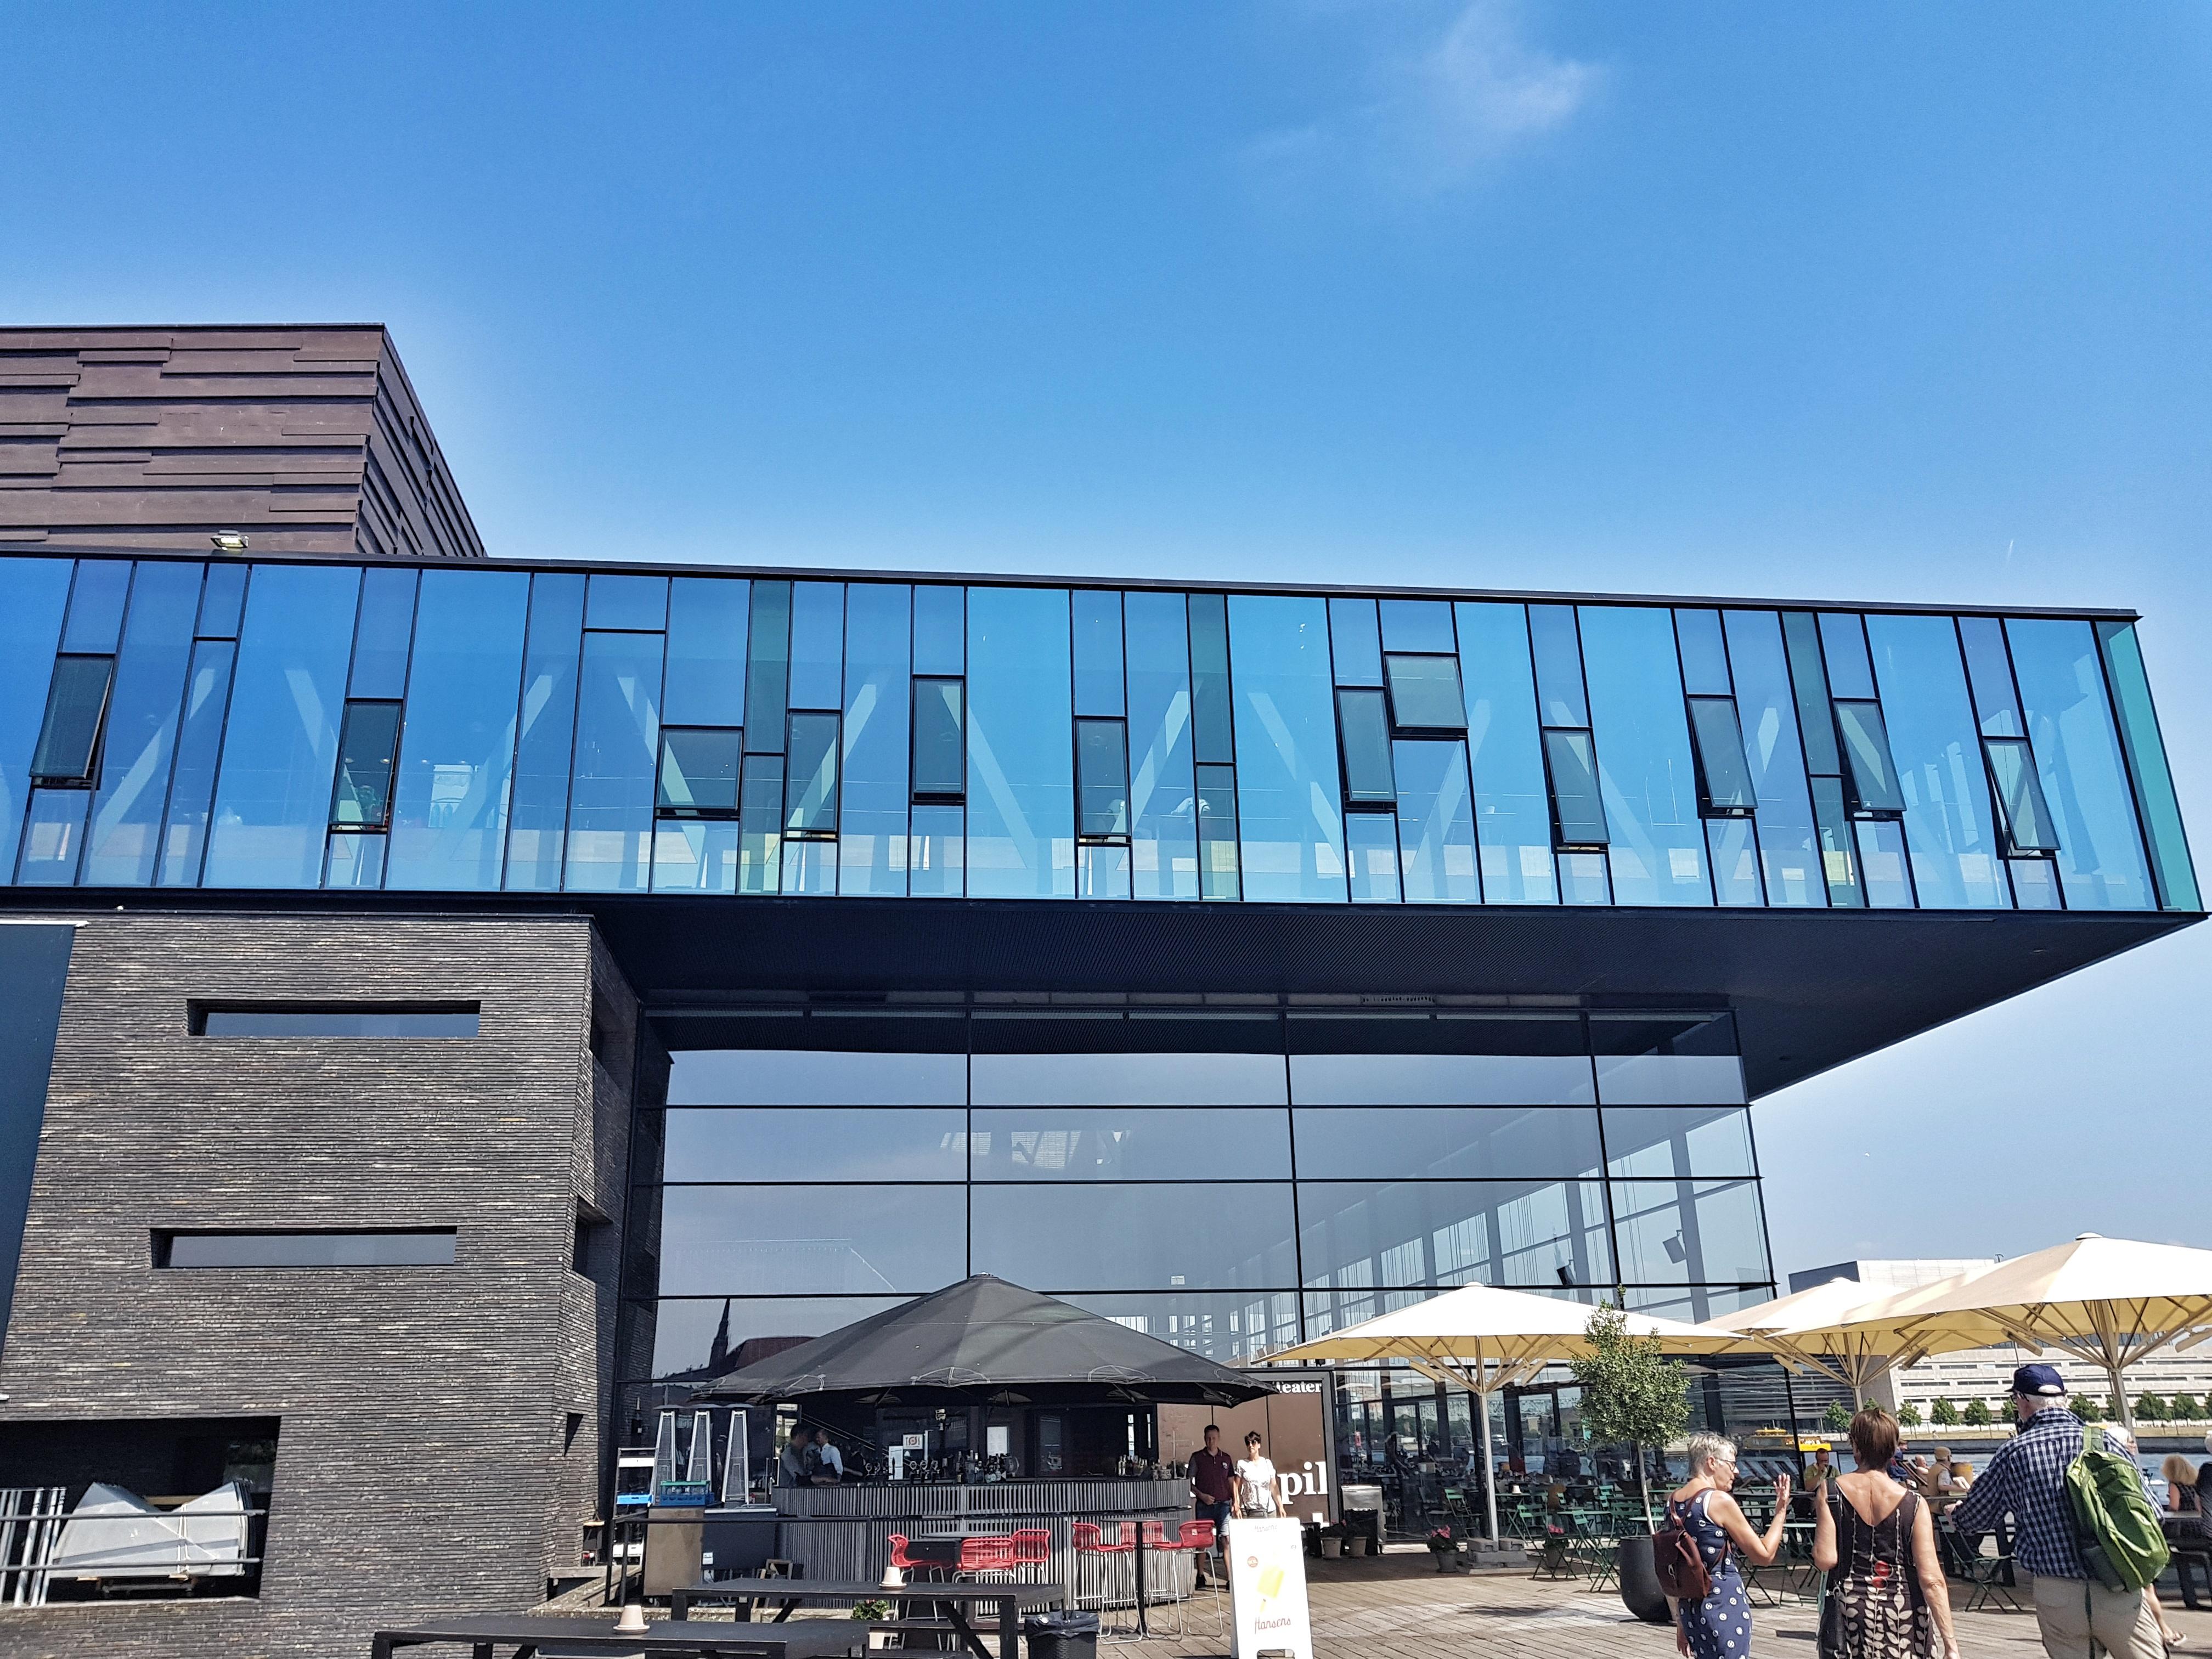 Modern_architecture_copenhagen